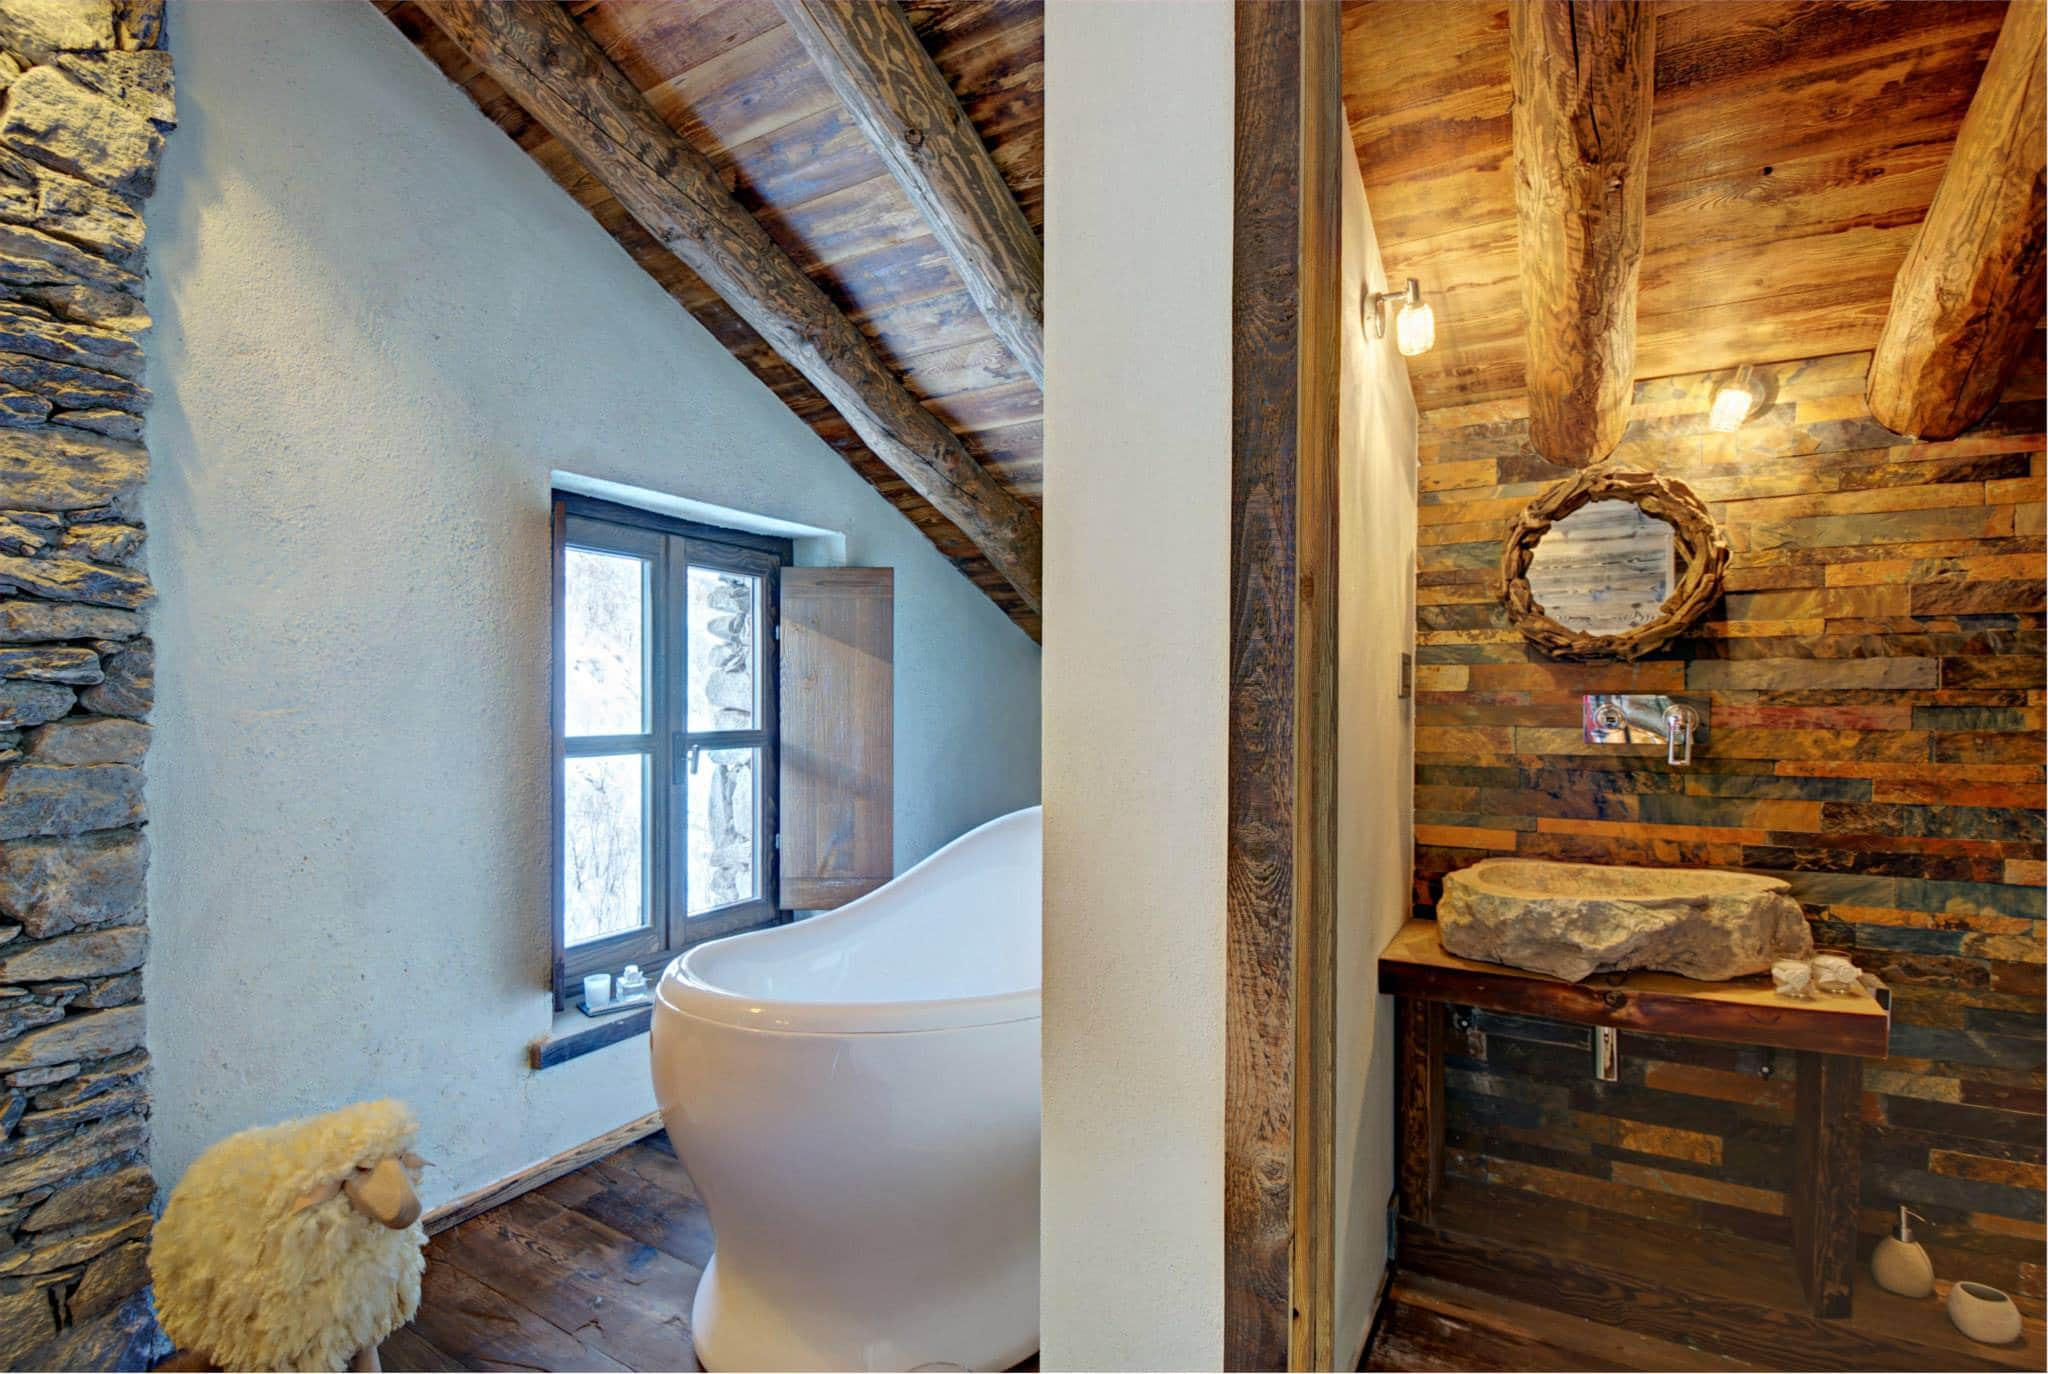 Decoracion De Baño Rustico:Diseño de interiores rústico uso de madera y piedra